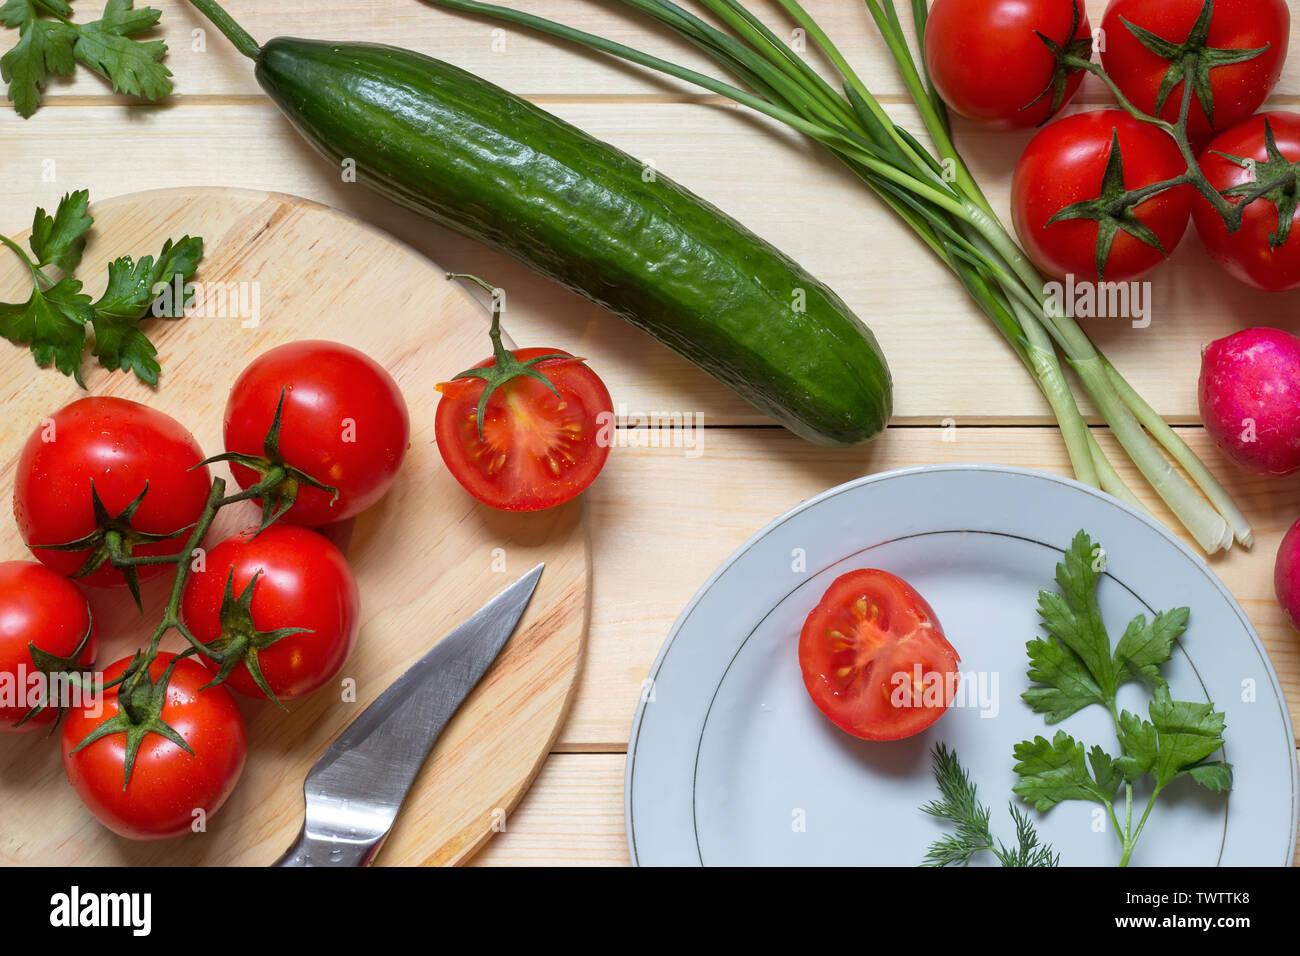 Gesunde Lebensmittel Zutaten zum Kochen auf hölzernen Küchentisch vorbereitet. Frische Tomaten am Zweig, Rettich, Zwiebel, Dill und Petersilie. Mit hellen Holzmöbeln im Landhausstil Stockfoto